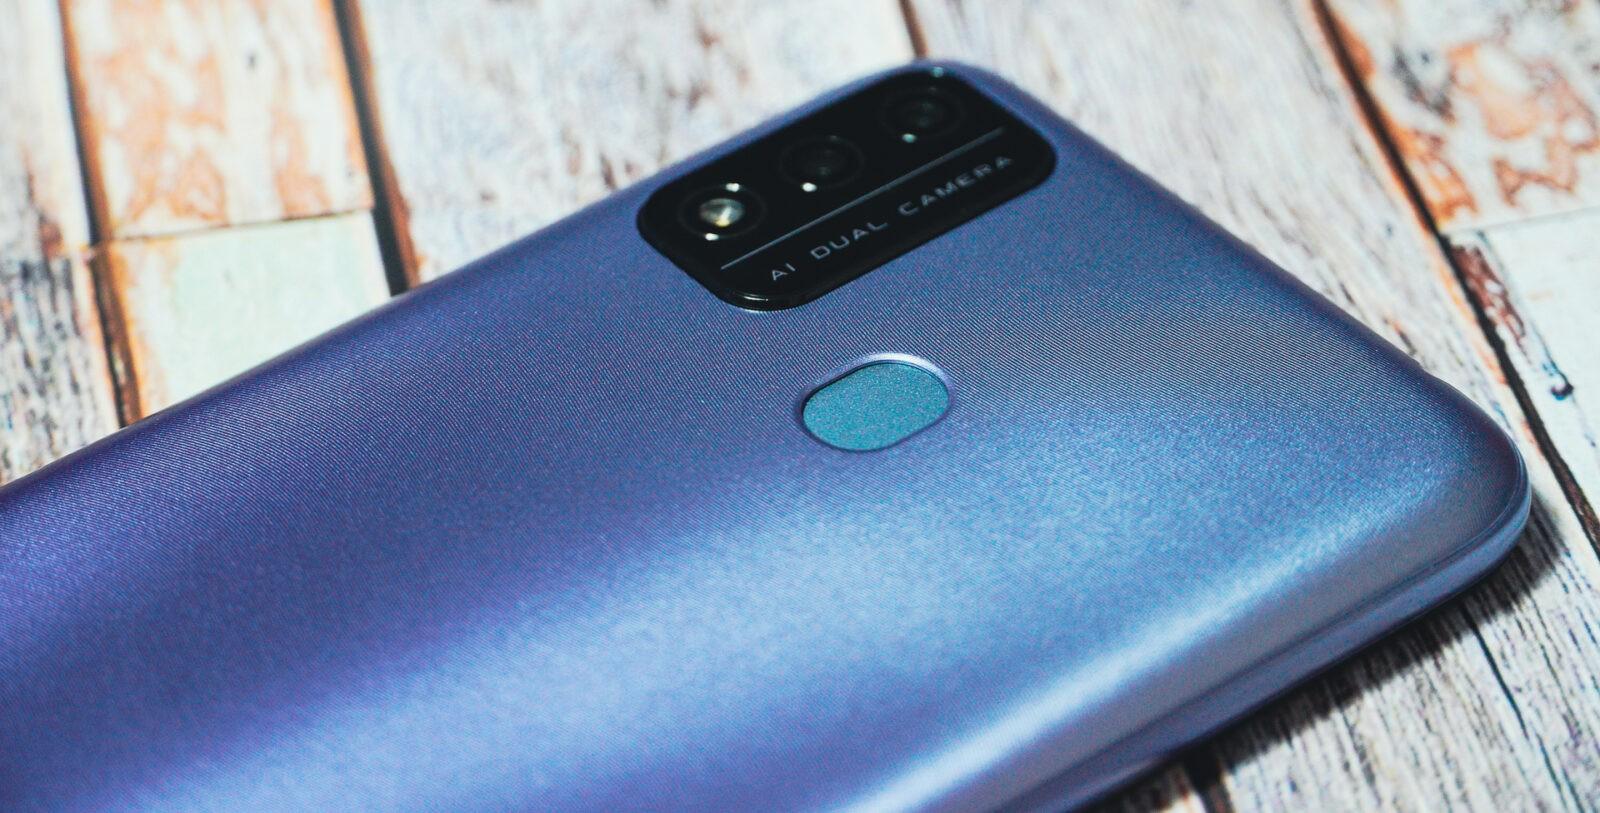 Обзор Itel A48: недорогой смартфон с LTE для школьников